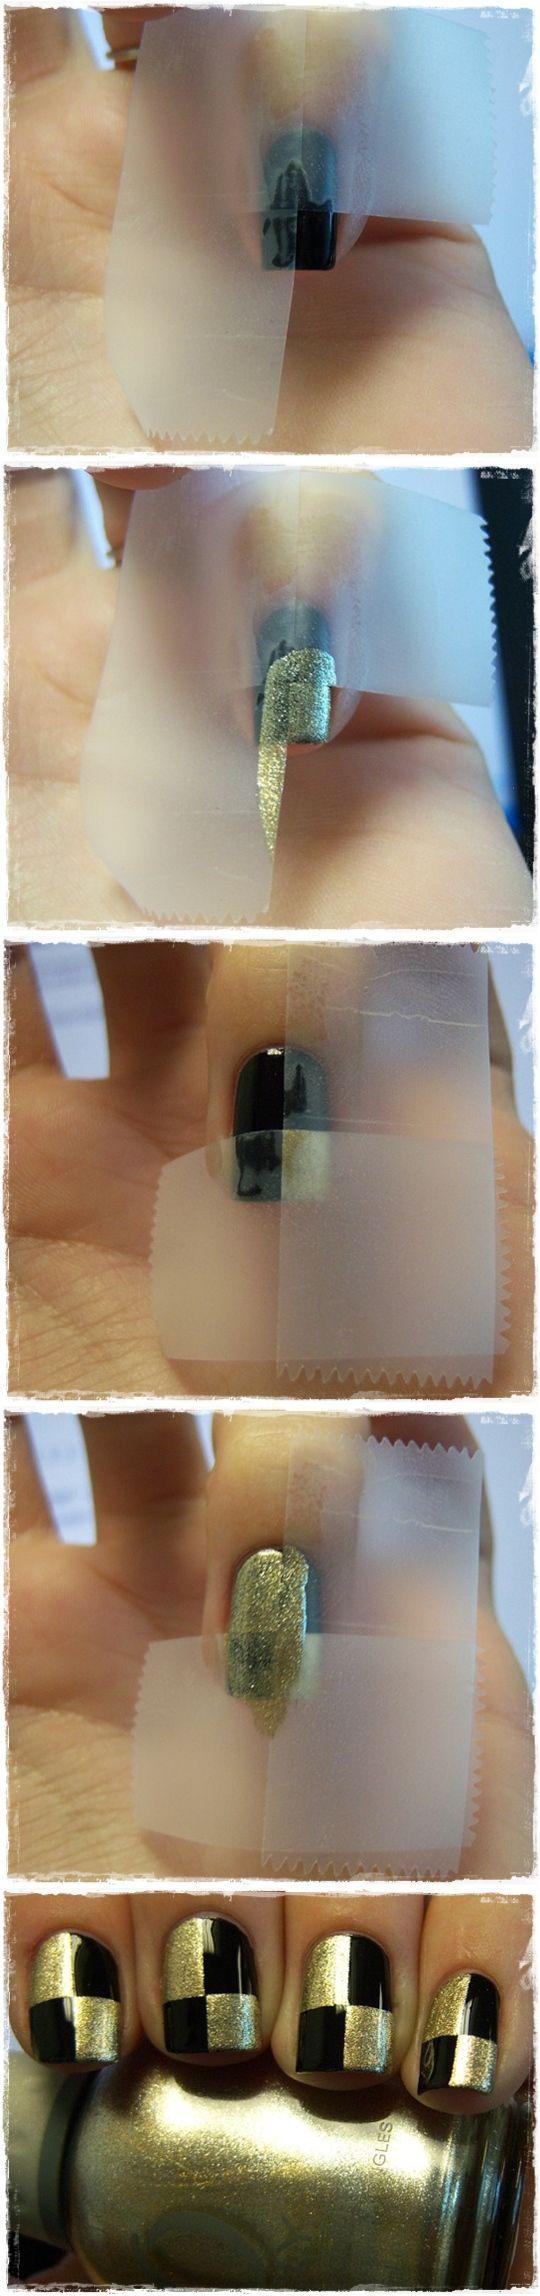 cintaadhesiva uñas